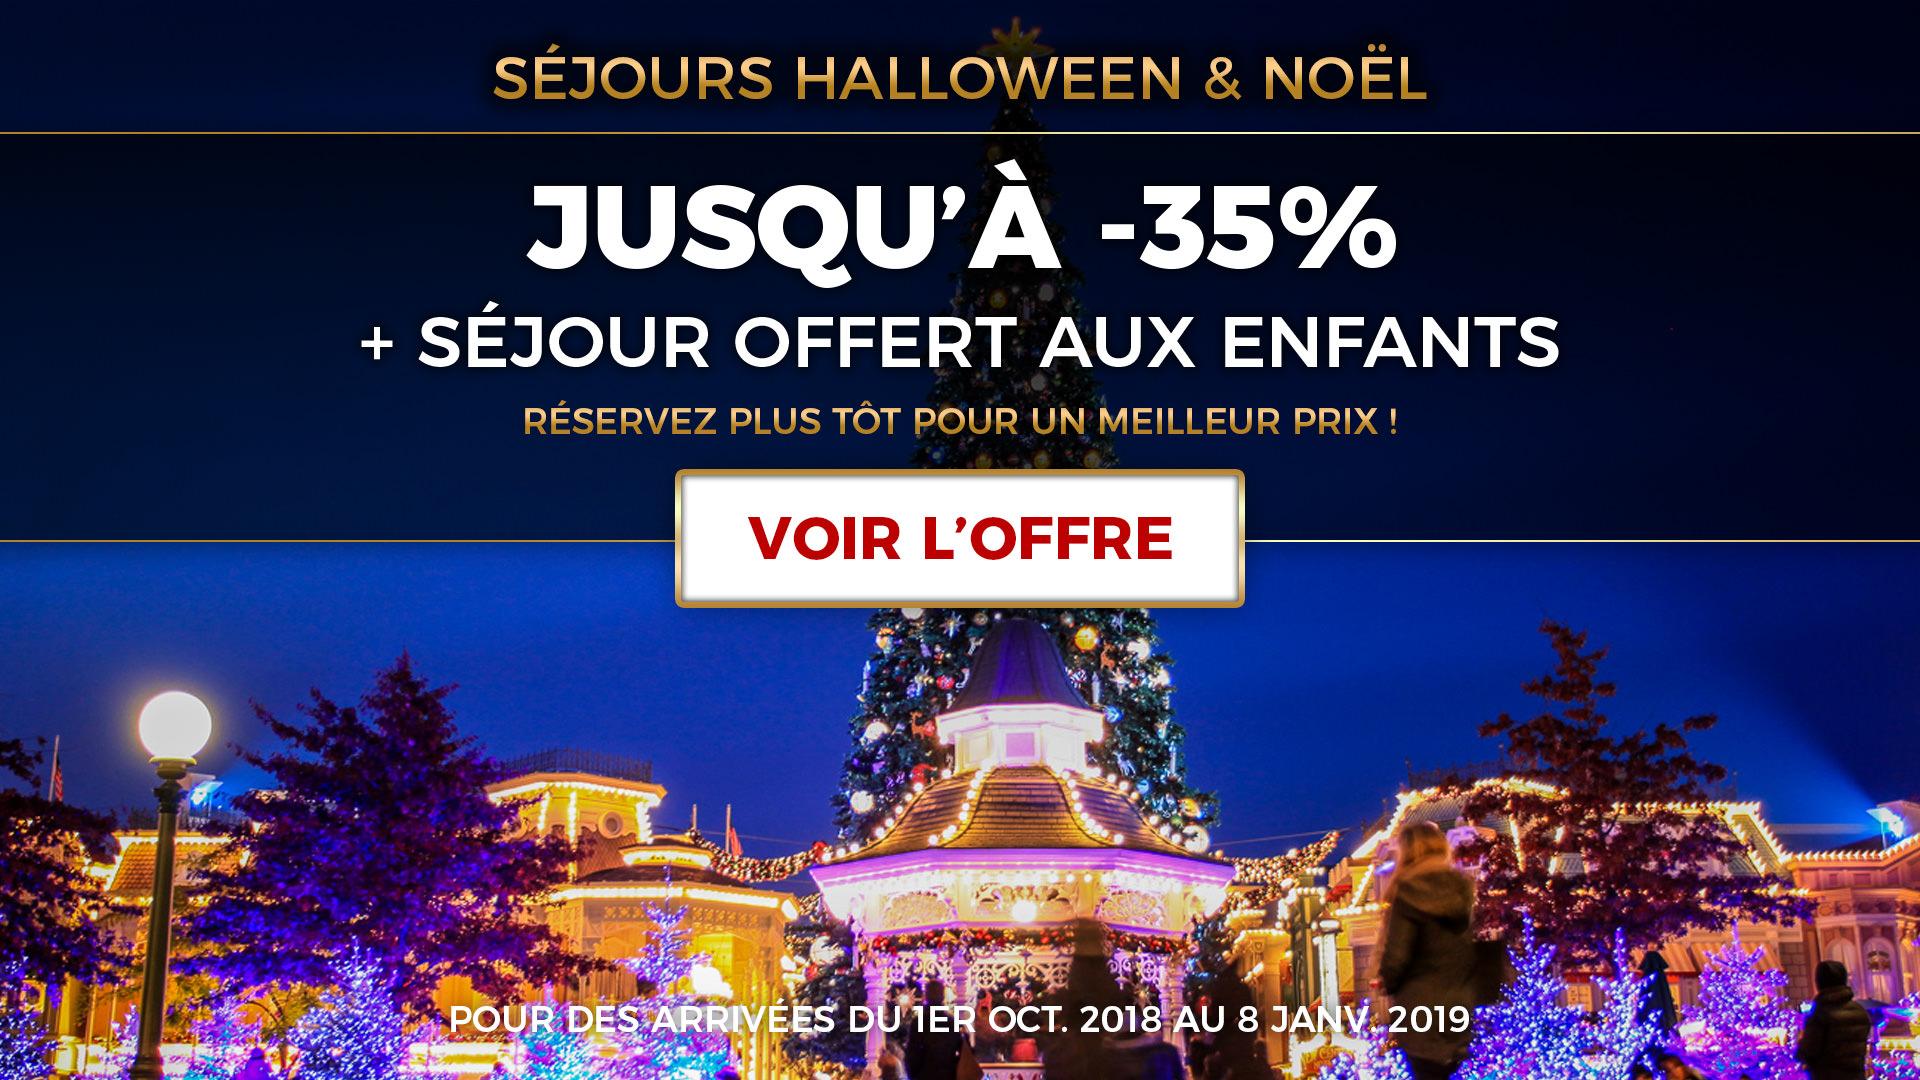 offre noel 2018 disneyland Hello Disneyland : Le blog n°1 sur Disneyland Paris | Séjours Noël  offre noel 2018 disneyland